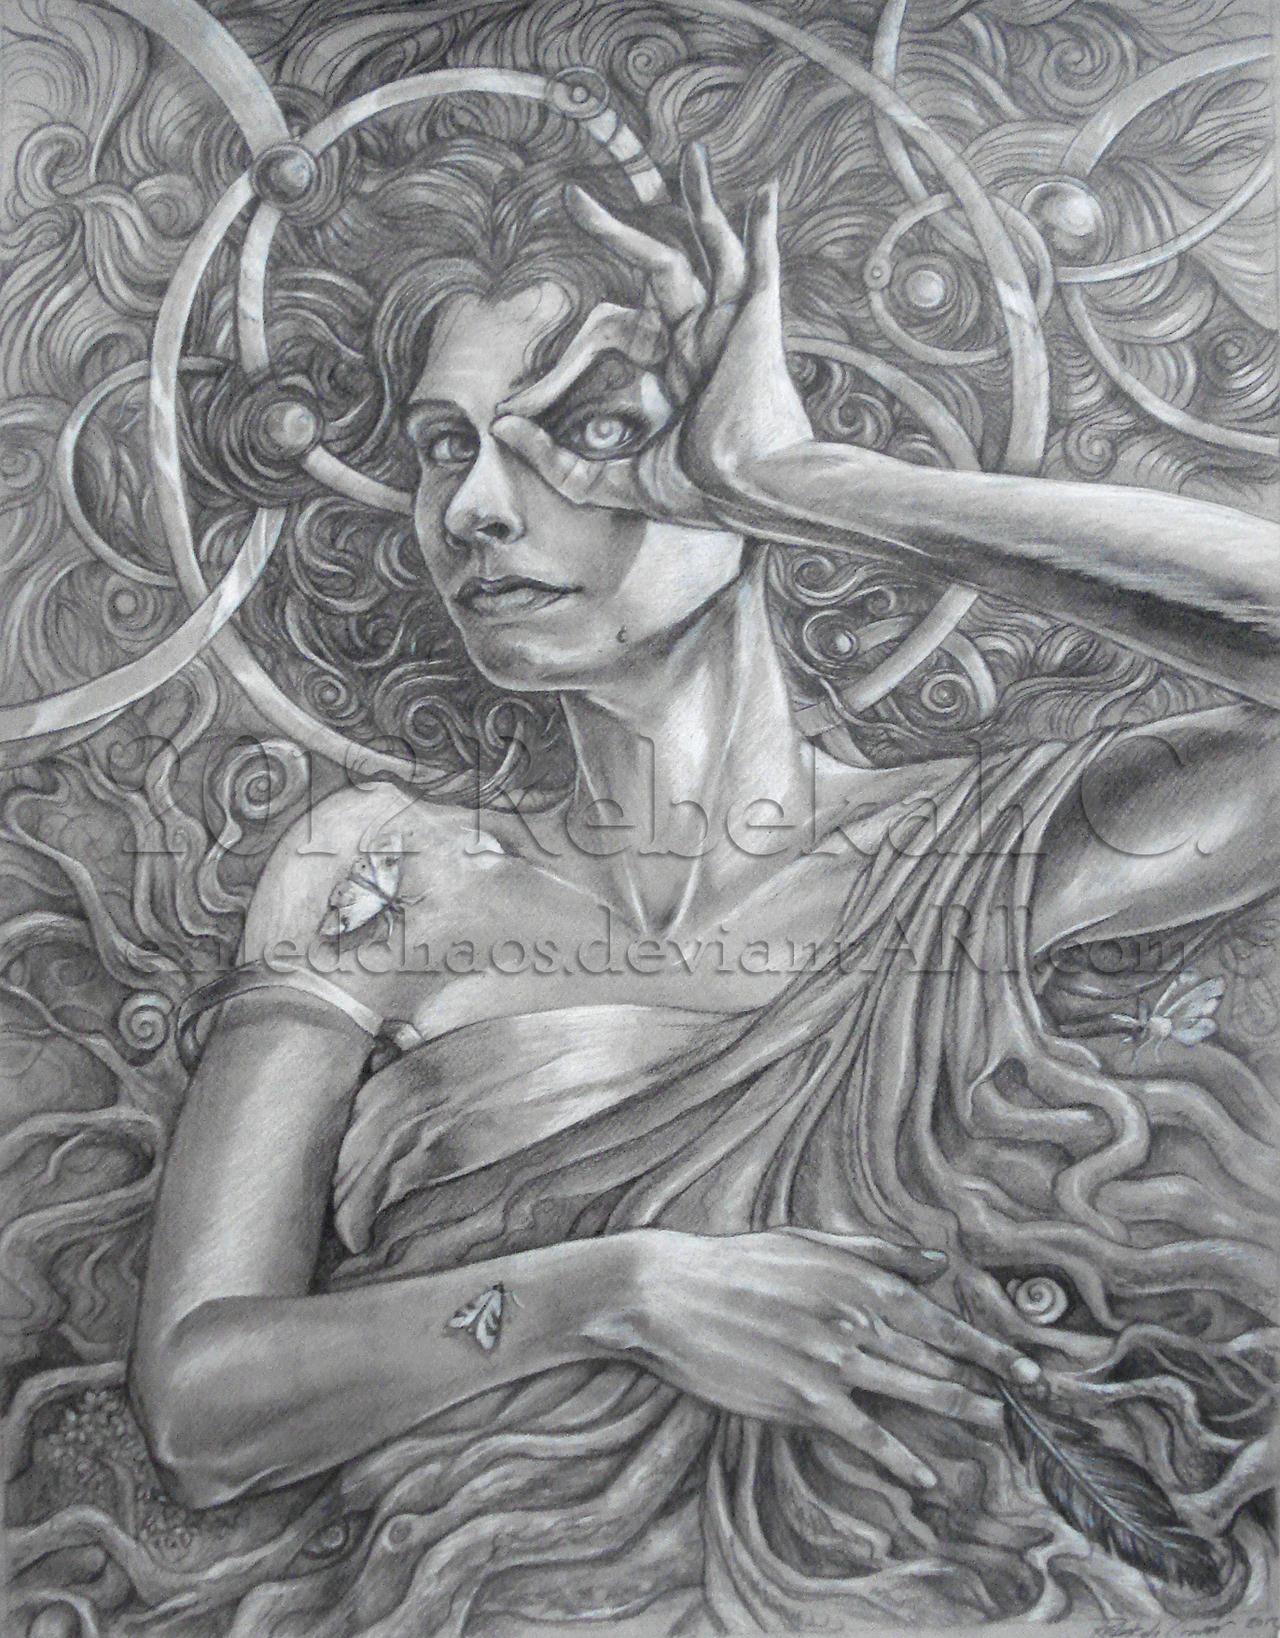 Self Portrait: Earth Dream by ExiledChaos